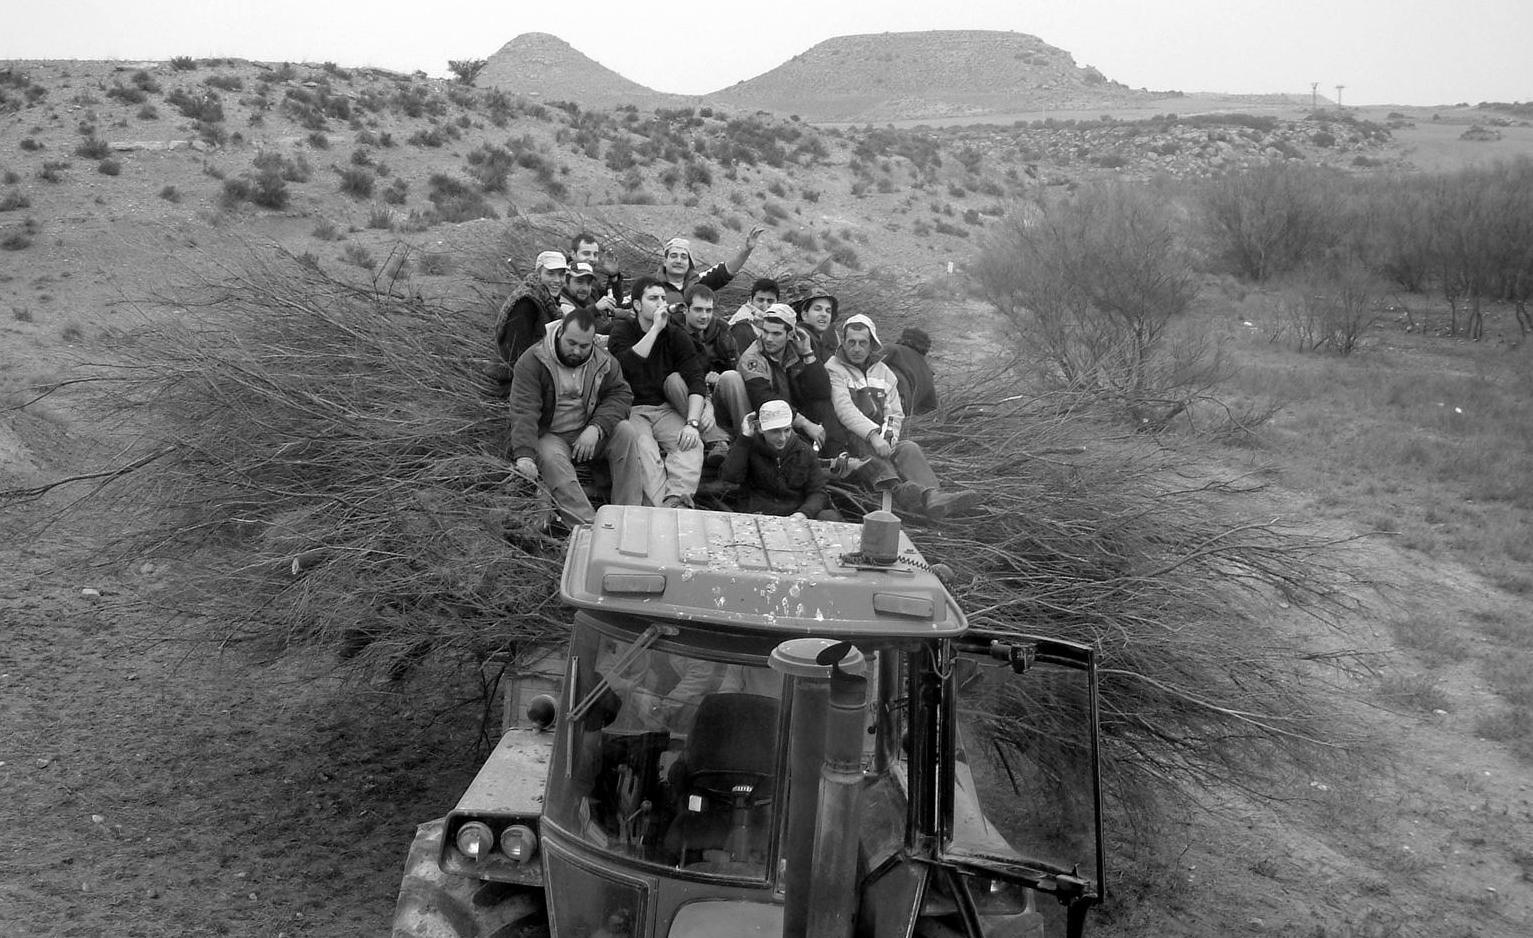 Subidos en el tractor cargado de leña (año 2010) >> pincha para verla en la galería